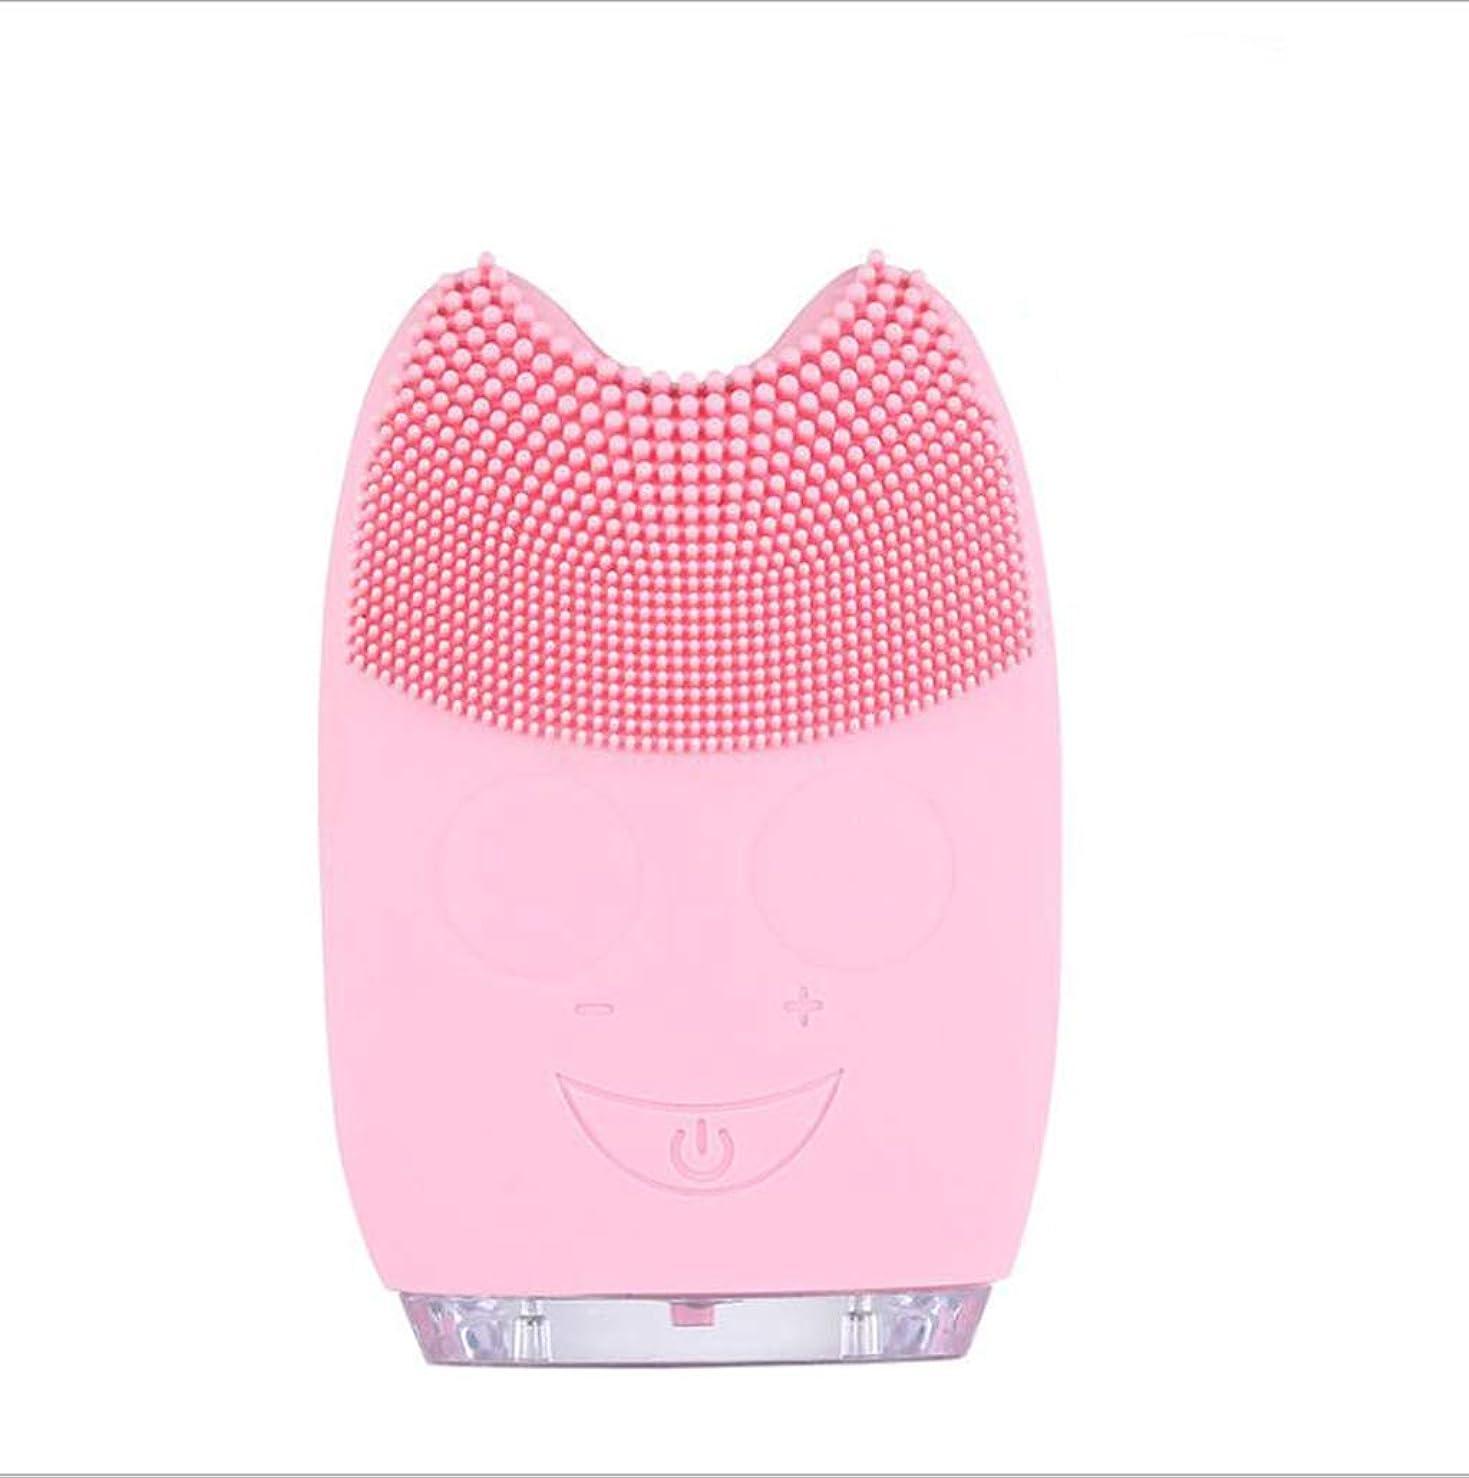 とらえどころのない重要性従順なすべての肌のタイプに適した角質除去とアンチエイジング顔マッサージのためのシリコーン電気クレンジングブラシ,Pink